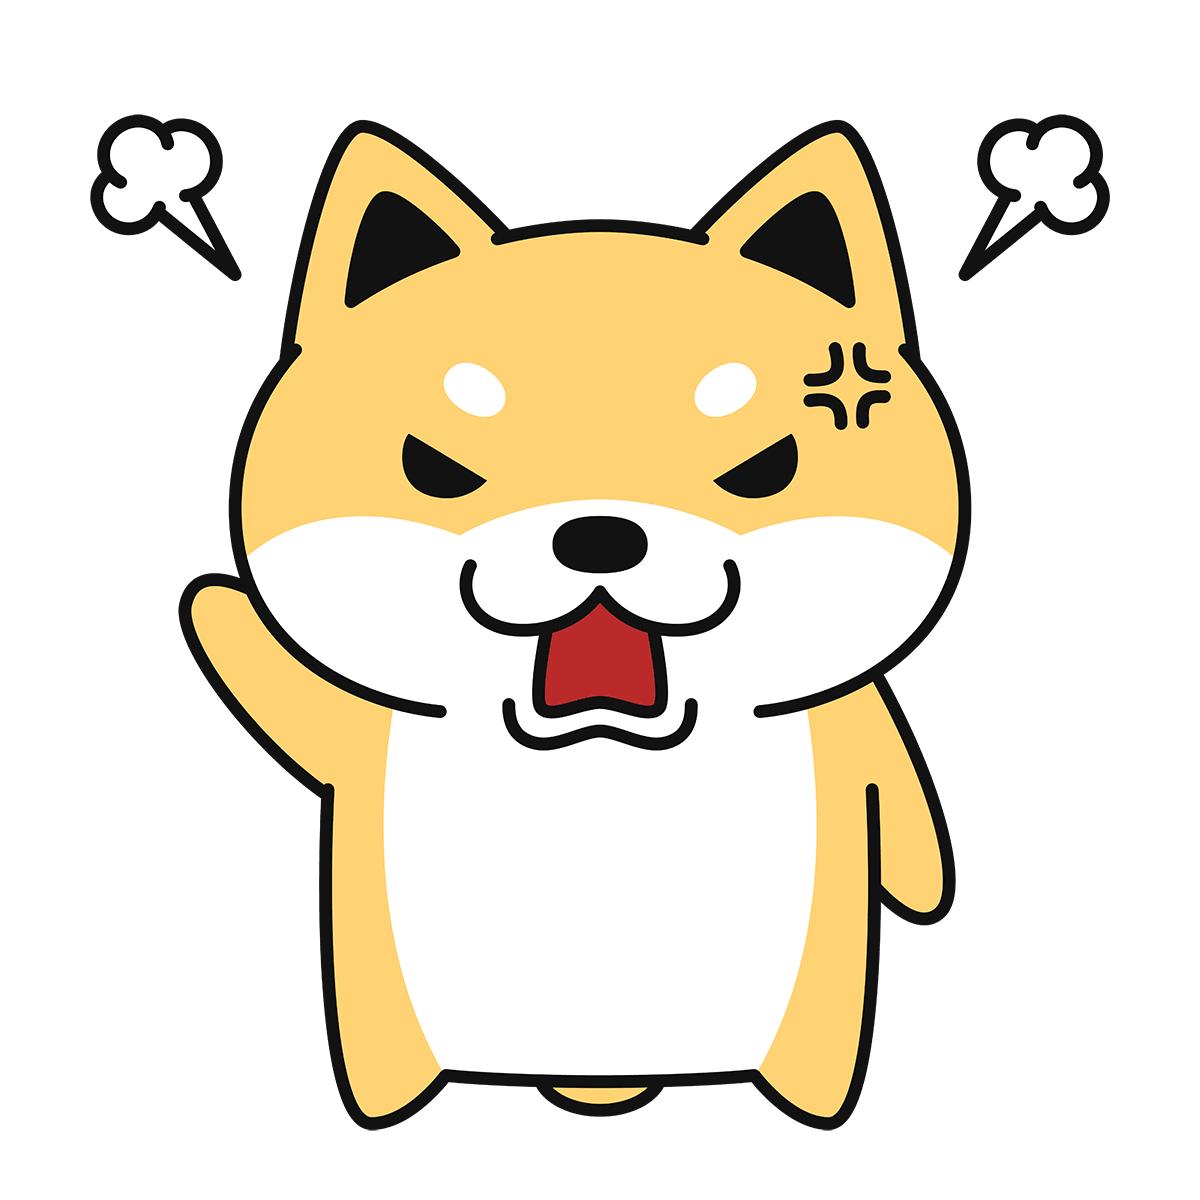 怒る柴犬(コタロー)の無料イラスト